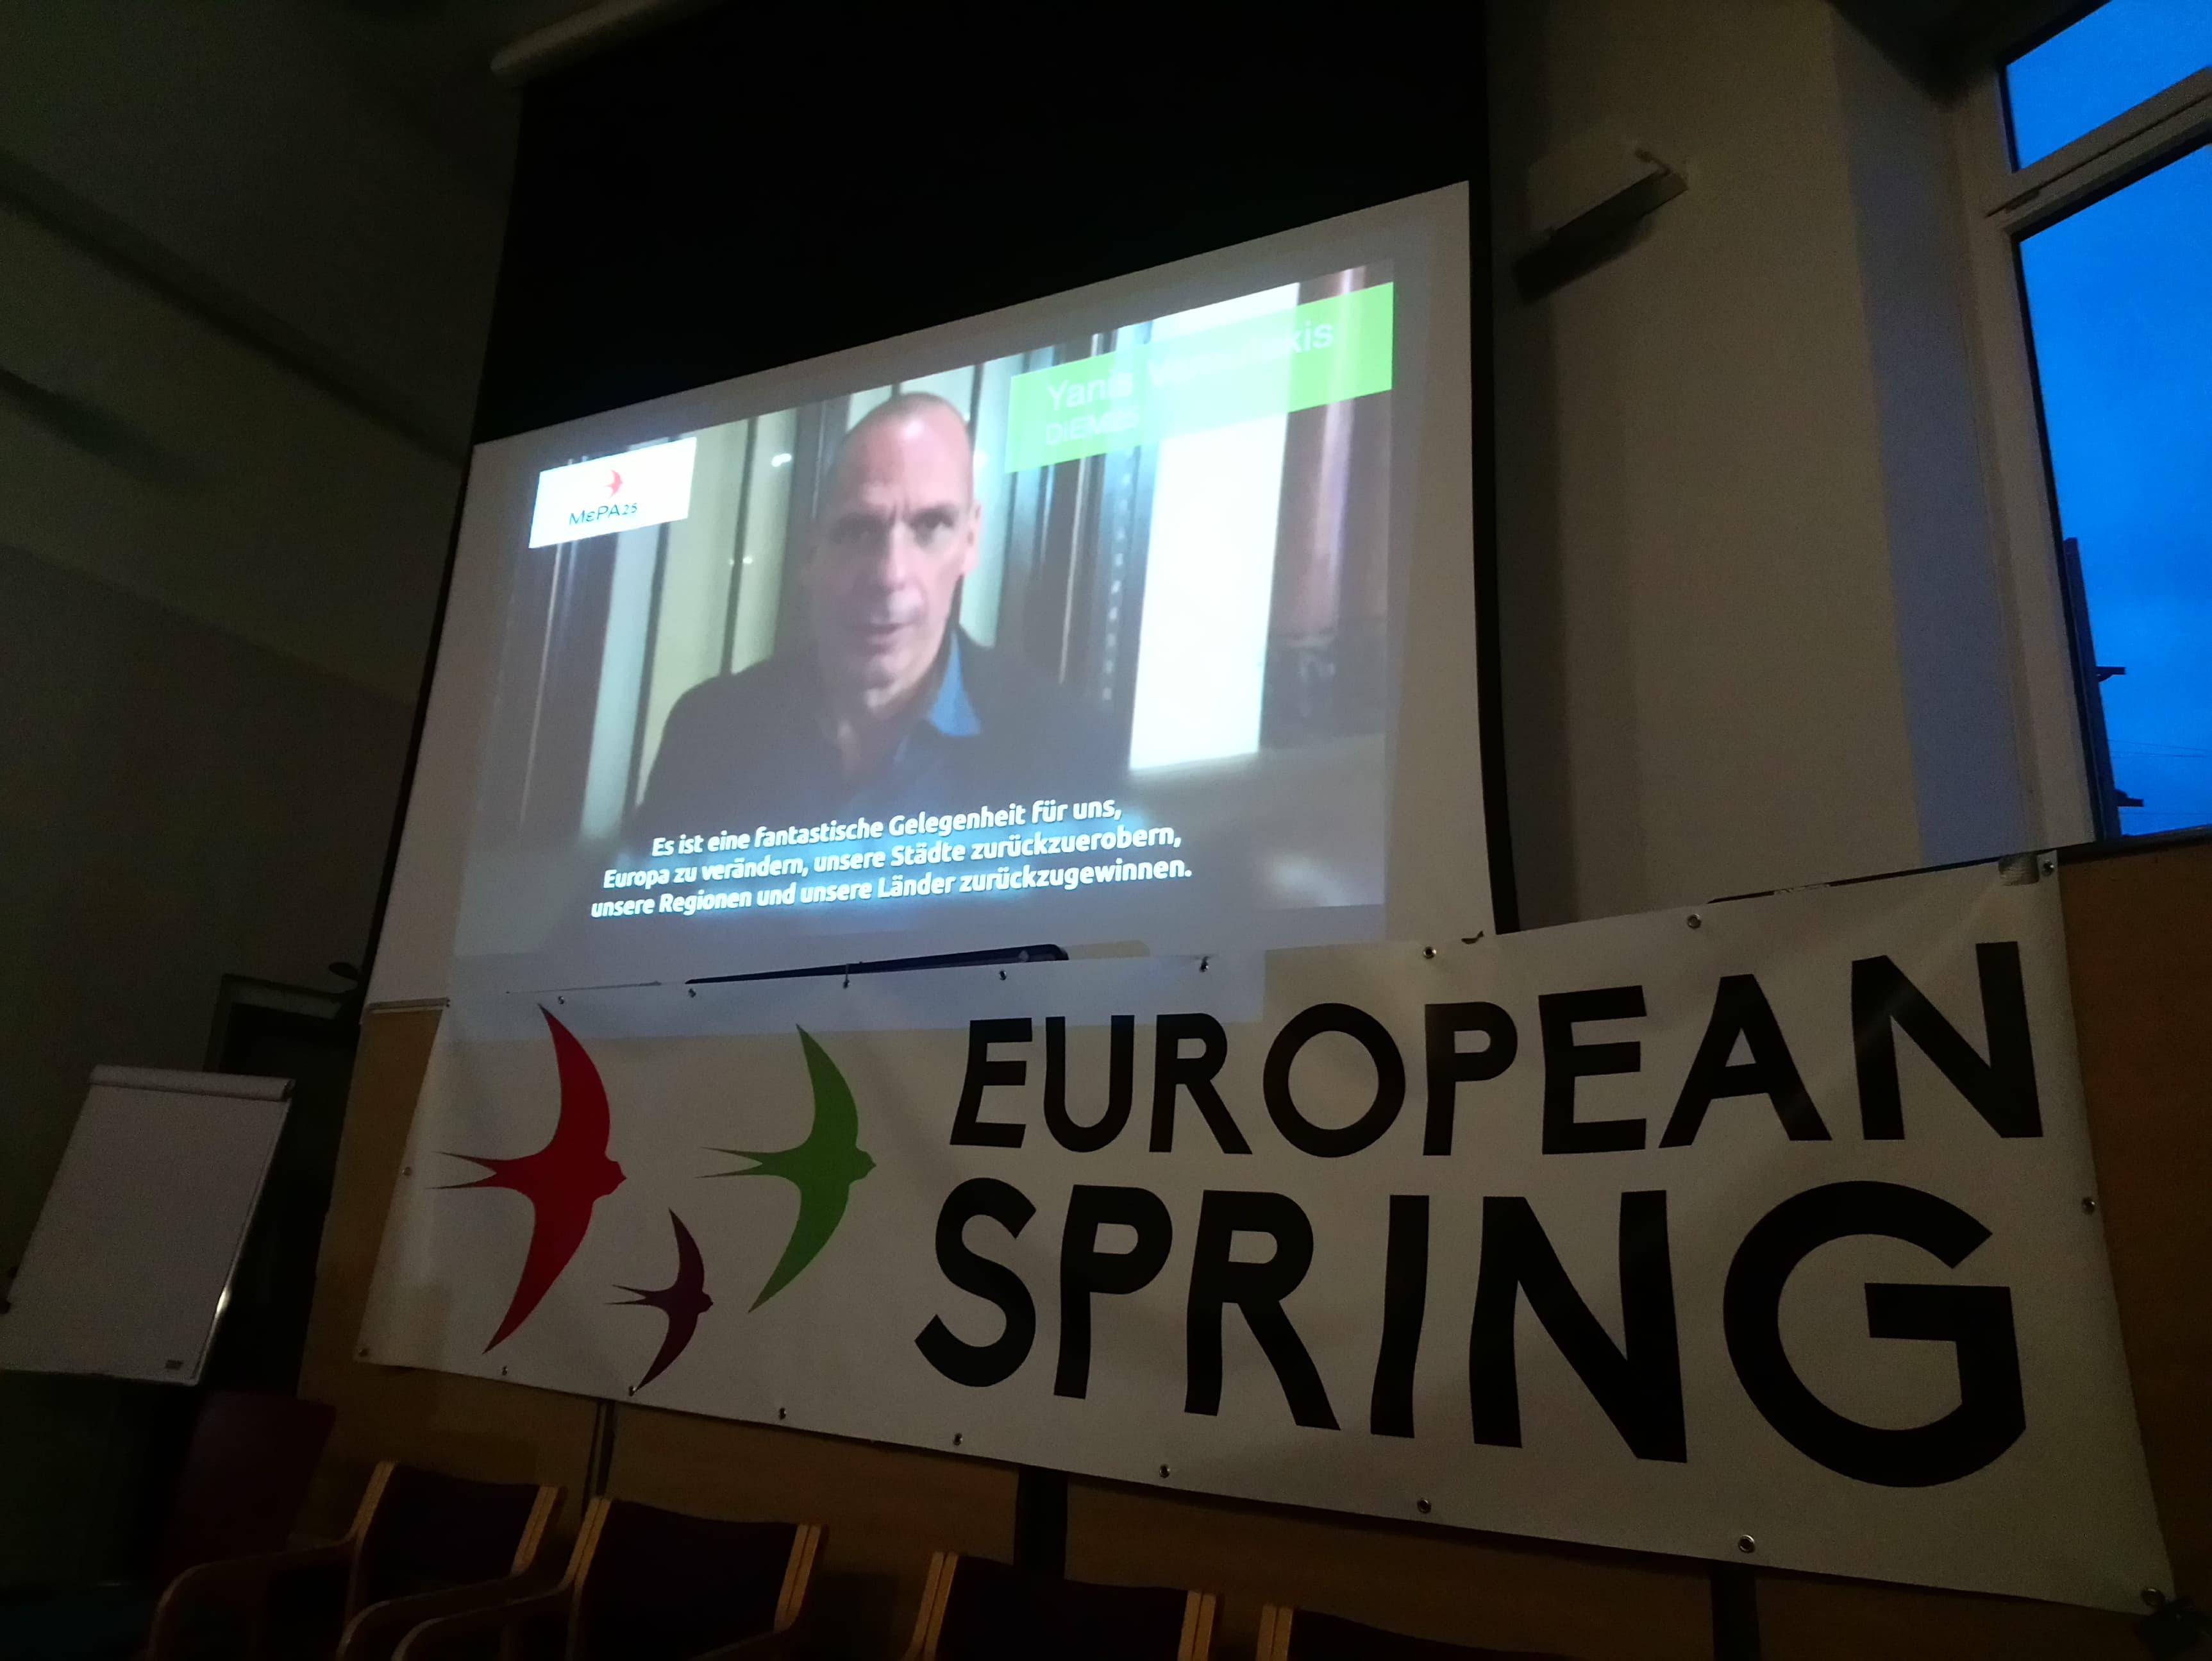 Der European Spring wächst: Actúa und Nouvelle Donne treten dem Bündnis bei!